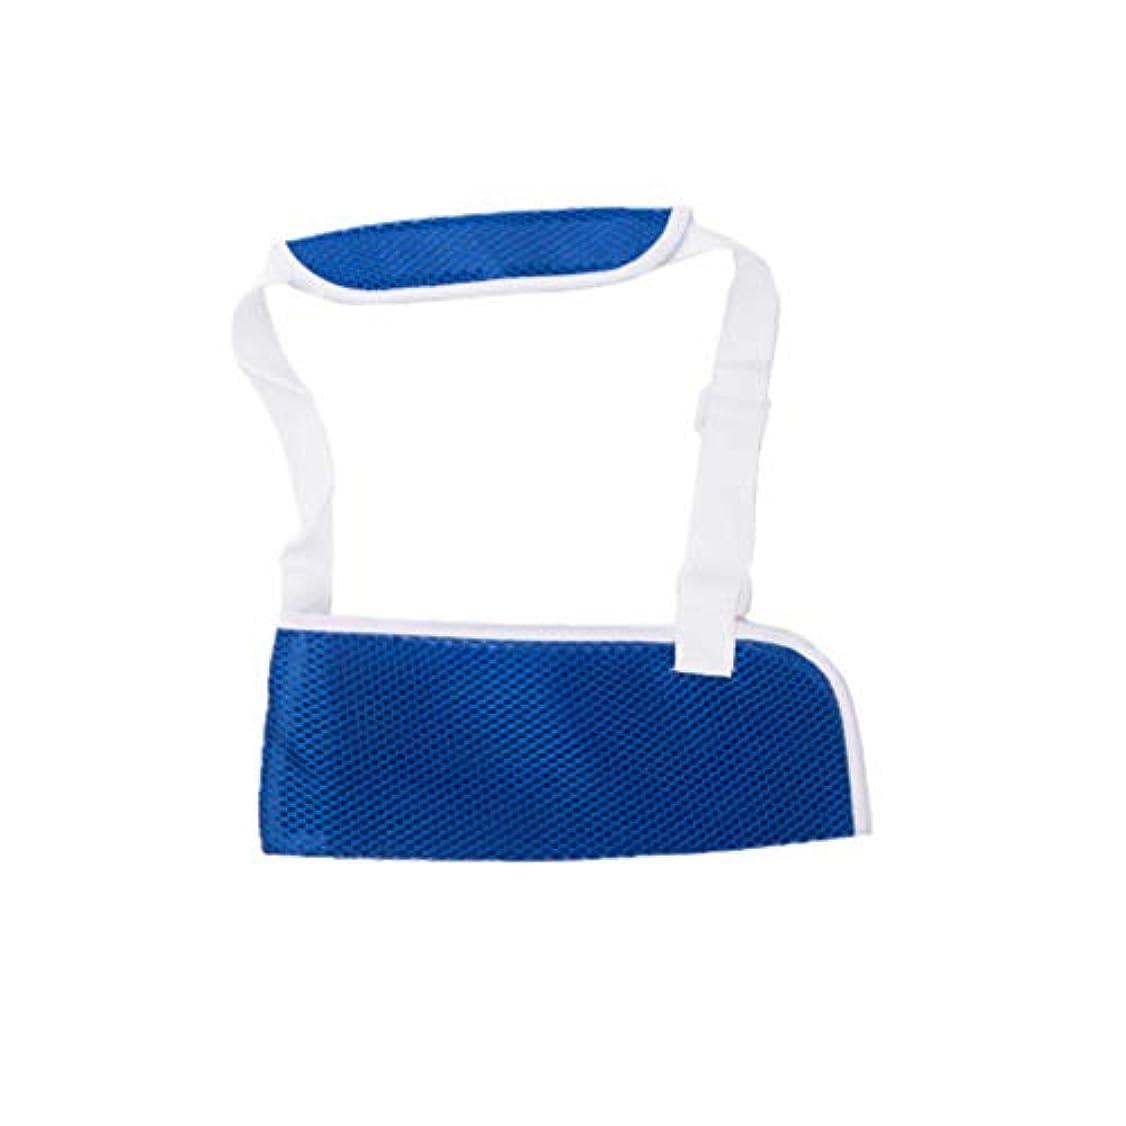 気分タックポケットHealifty アームスリング通気性アームサポートブレースショルダーストラップ骨折した腕用(サイズs)